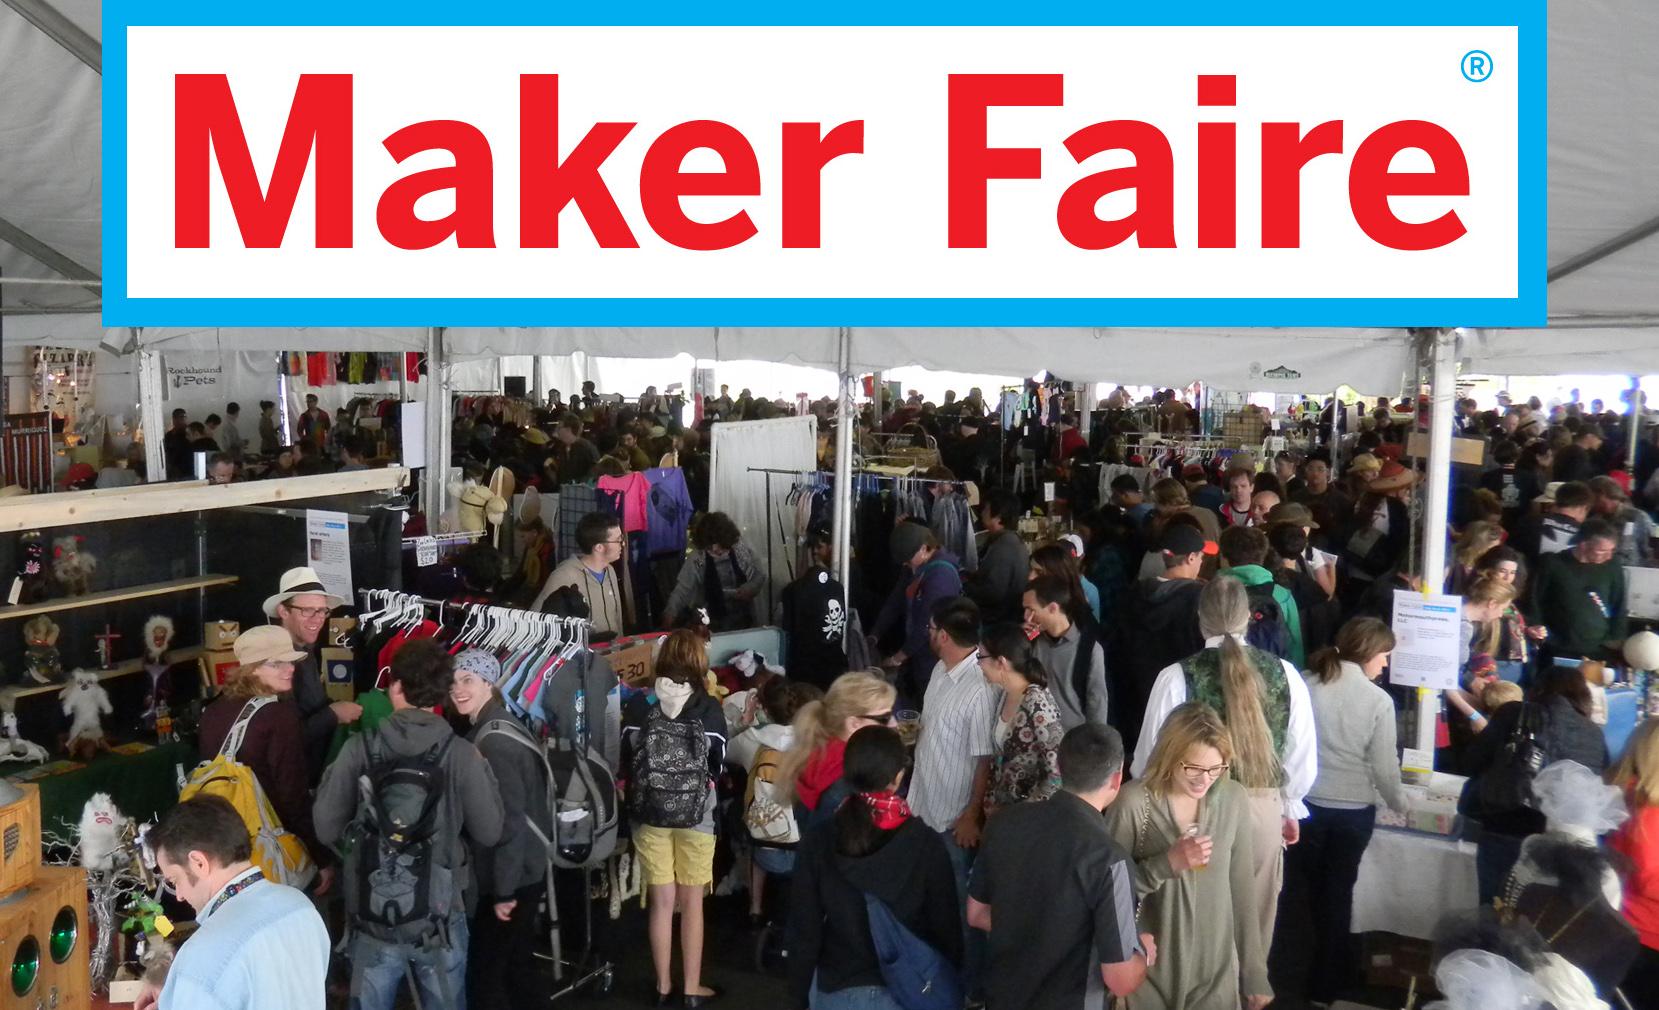 MakerFaireTent_Logo_Slider